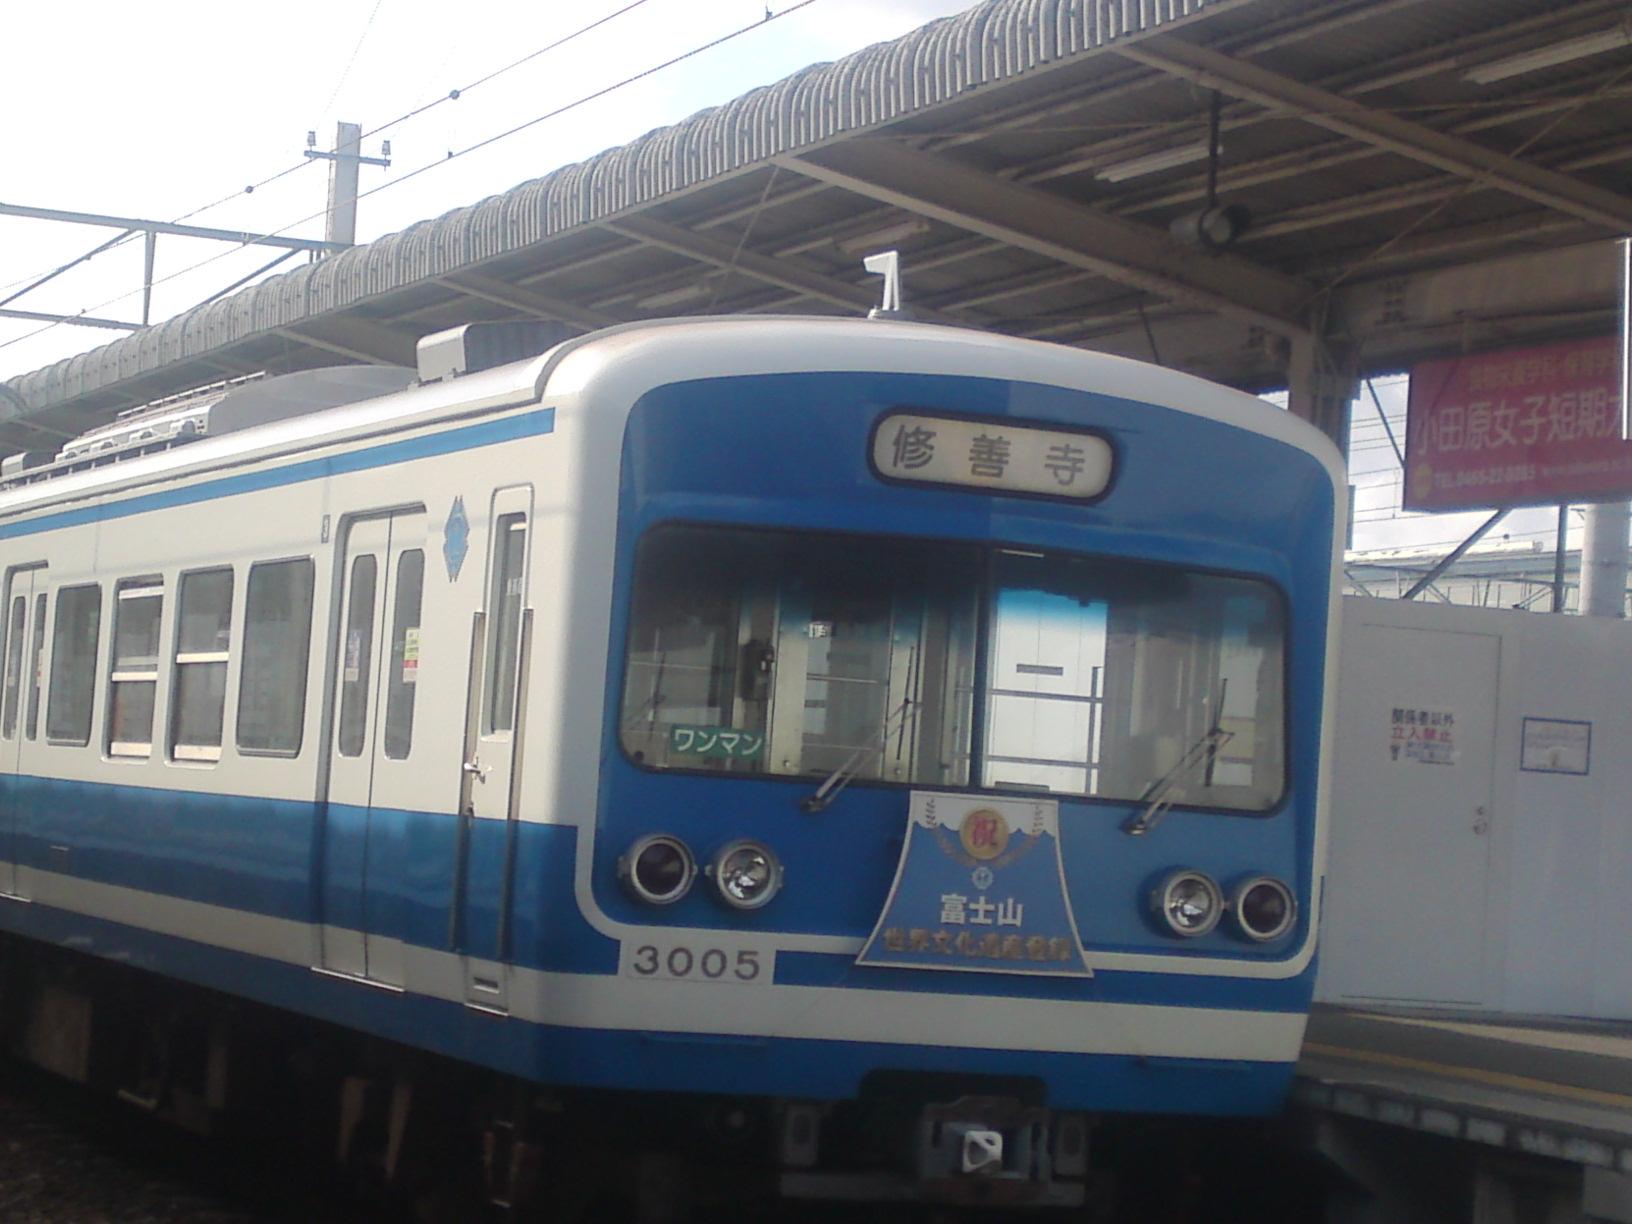 SN3O5145